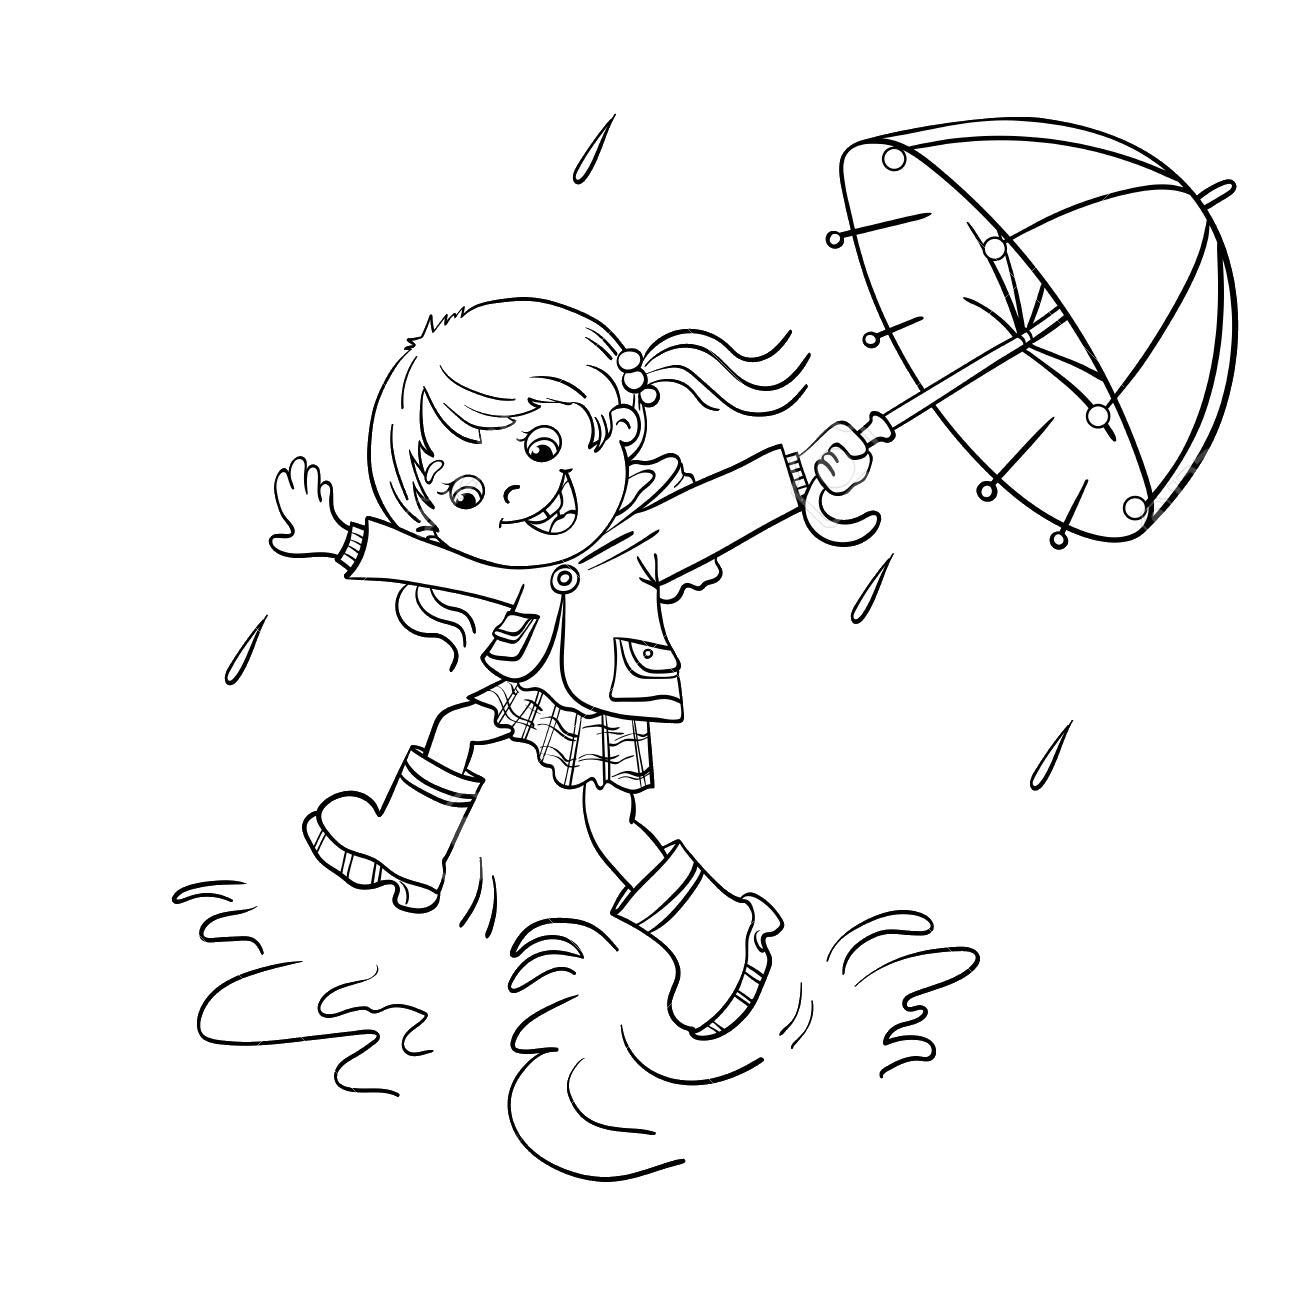 Tranh tô màu em bé và chiếc ô